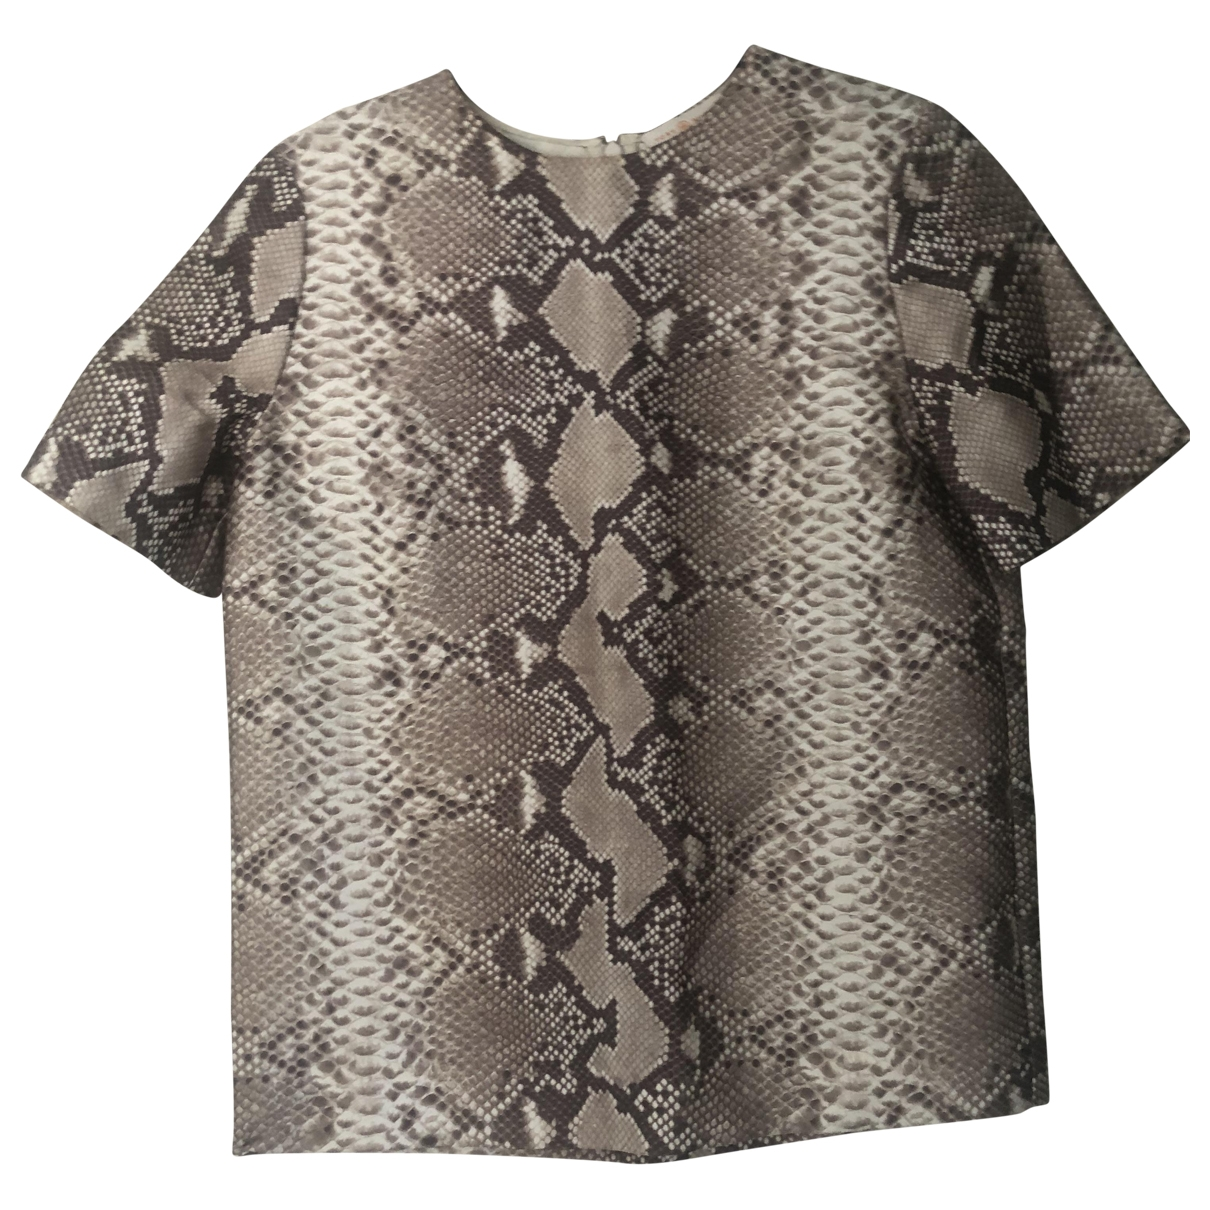 Tory Burch - Top   pour femme en soie - beige